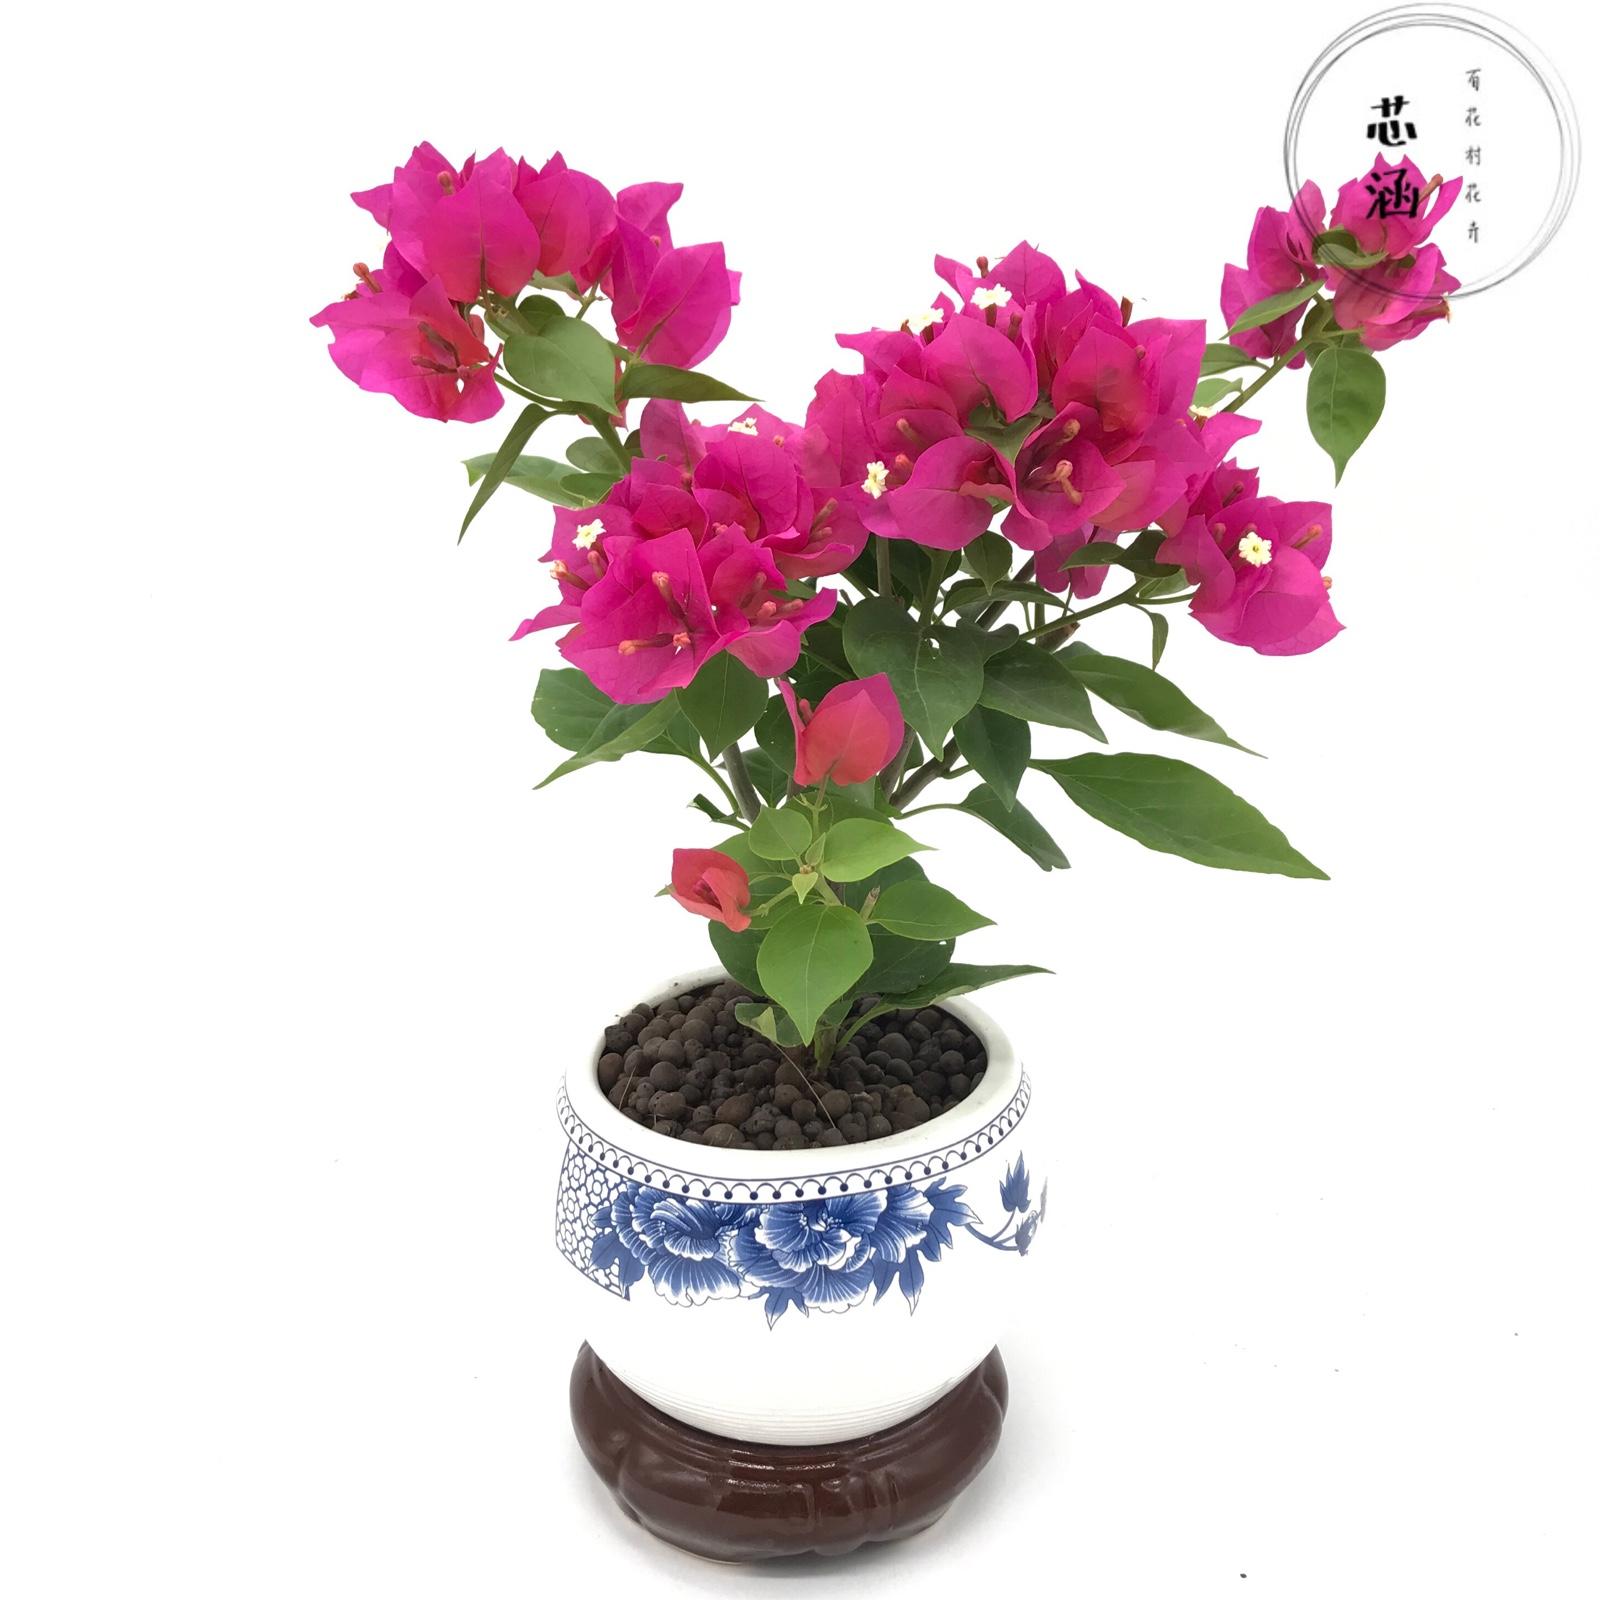 三角梅花卉庭院盆栽带花发货阳台四季室外木本植物潮州红好养盆景